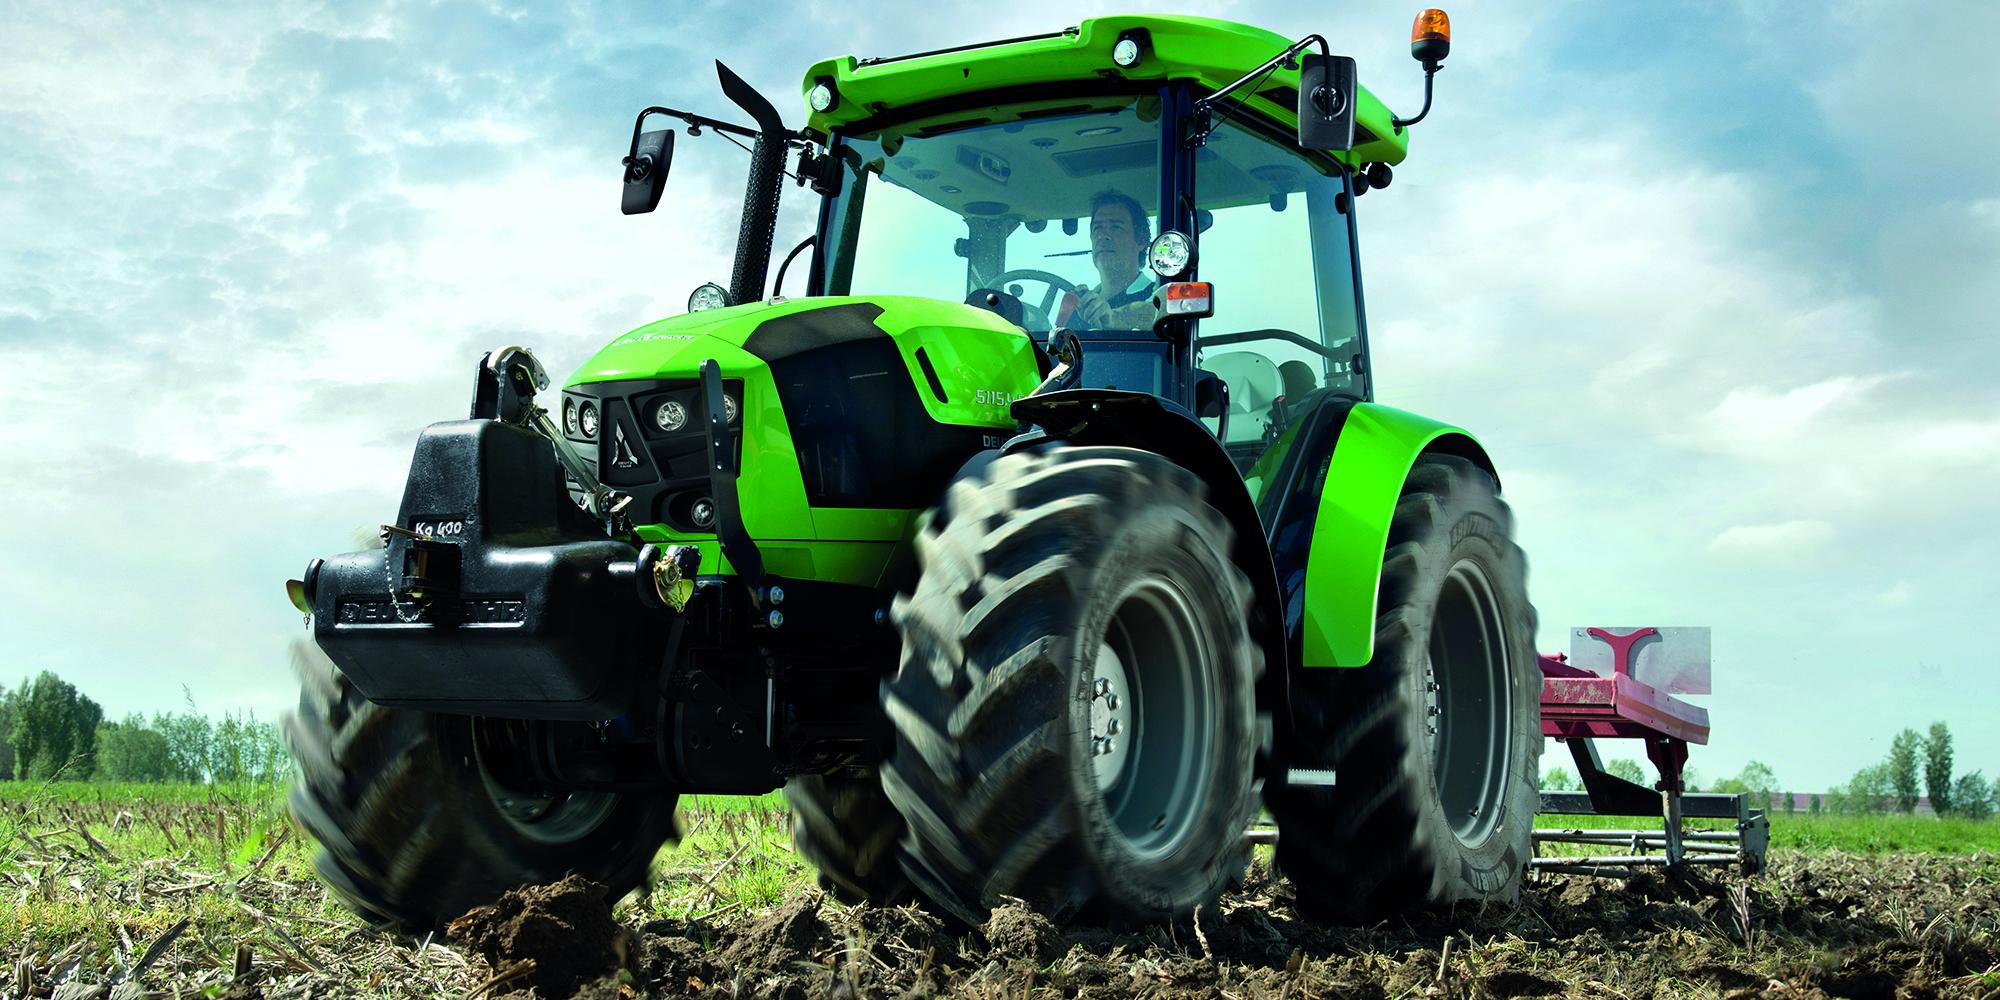 Deutz-Fahr 5G-serien: mångsidiga traktorer. Växtodling, mjölproduktion, köttproduktion, entreprenad